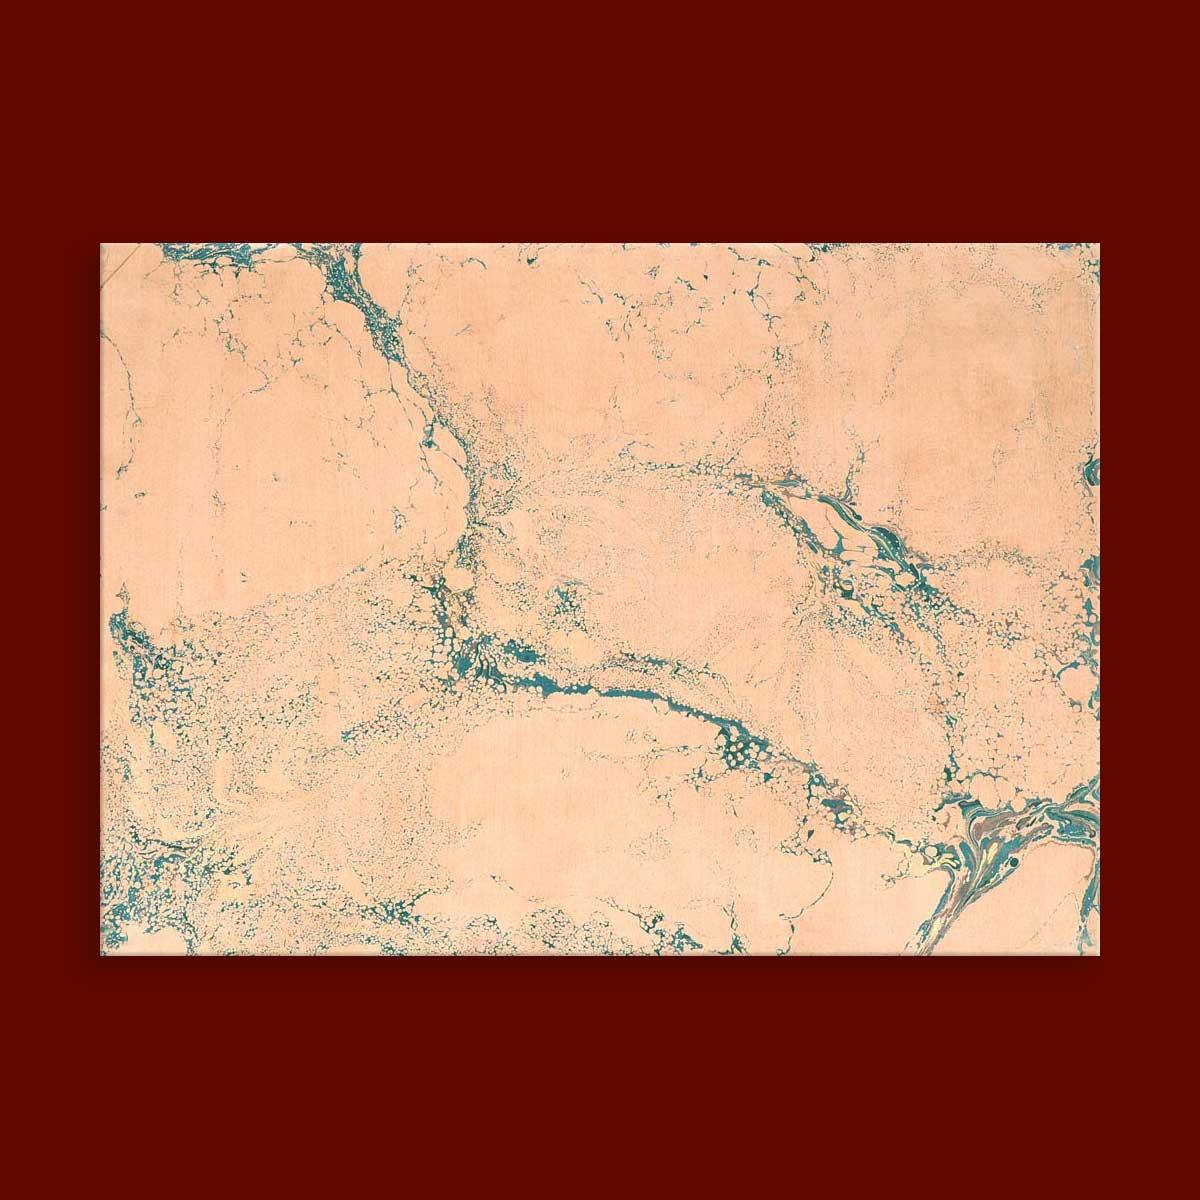 gürel ebrusu özgün kompozisyon No 16